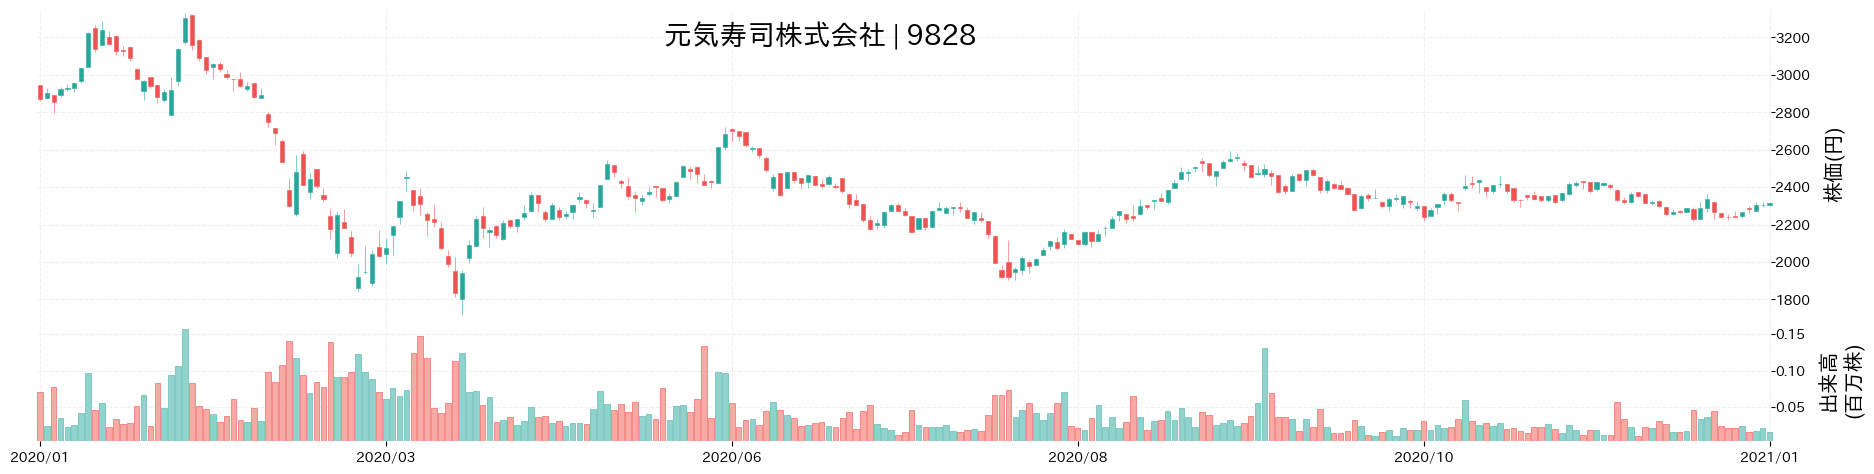 元気寿司株式会社の株価推移(2020)